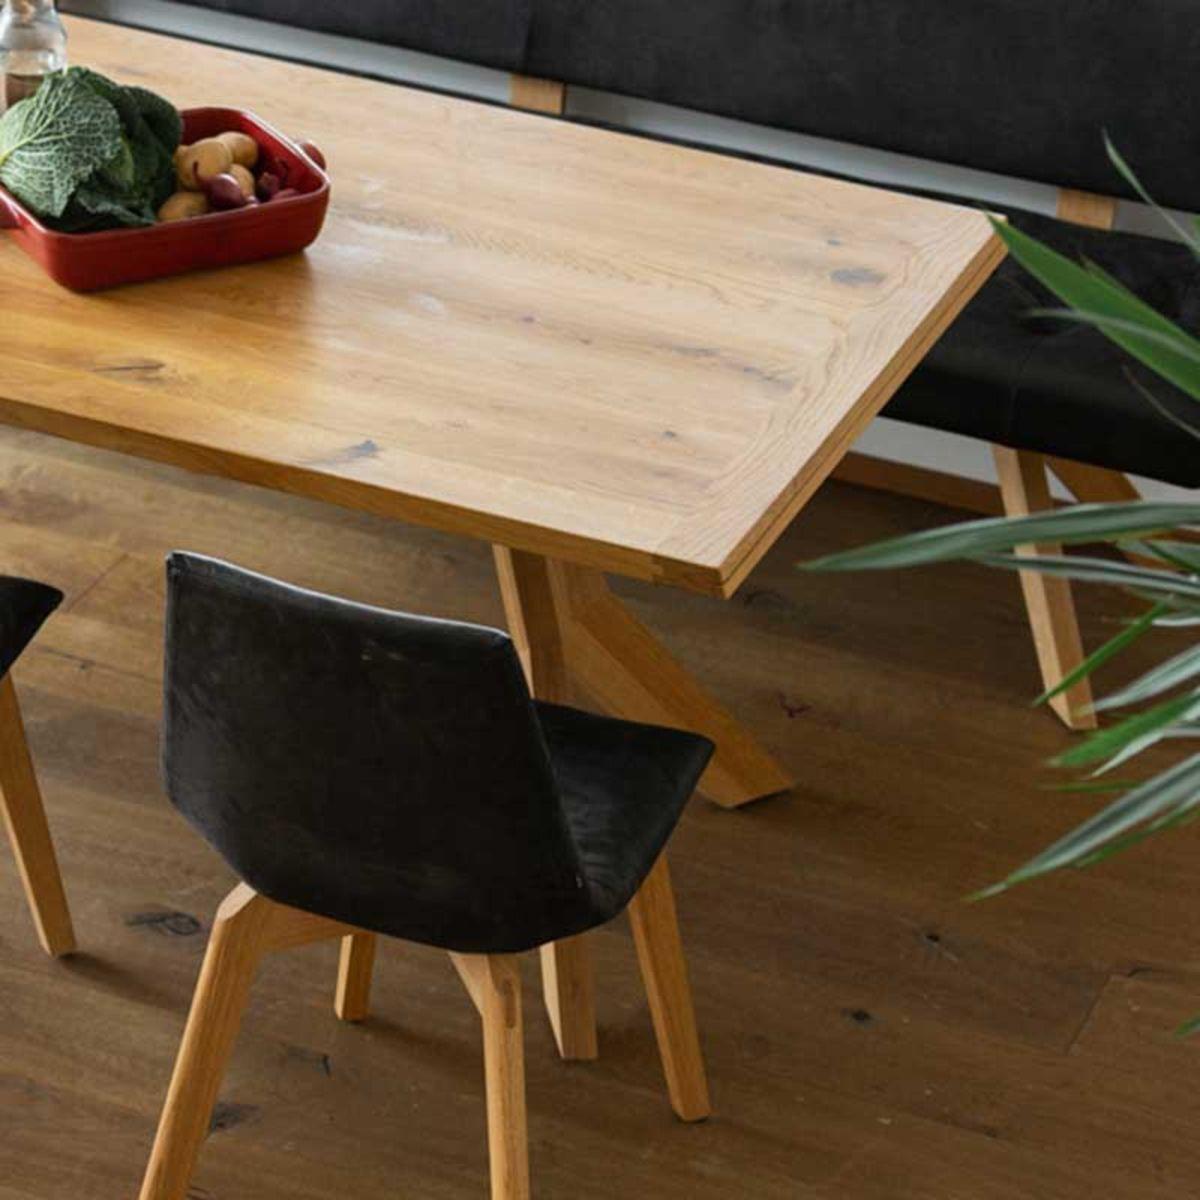 yps Tisch und Bank mit lui Stühlen von TEAM 7 Frankfurt